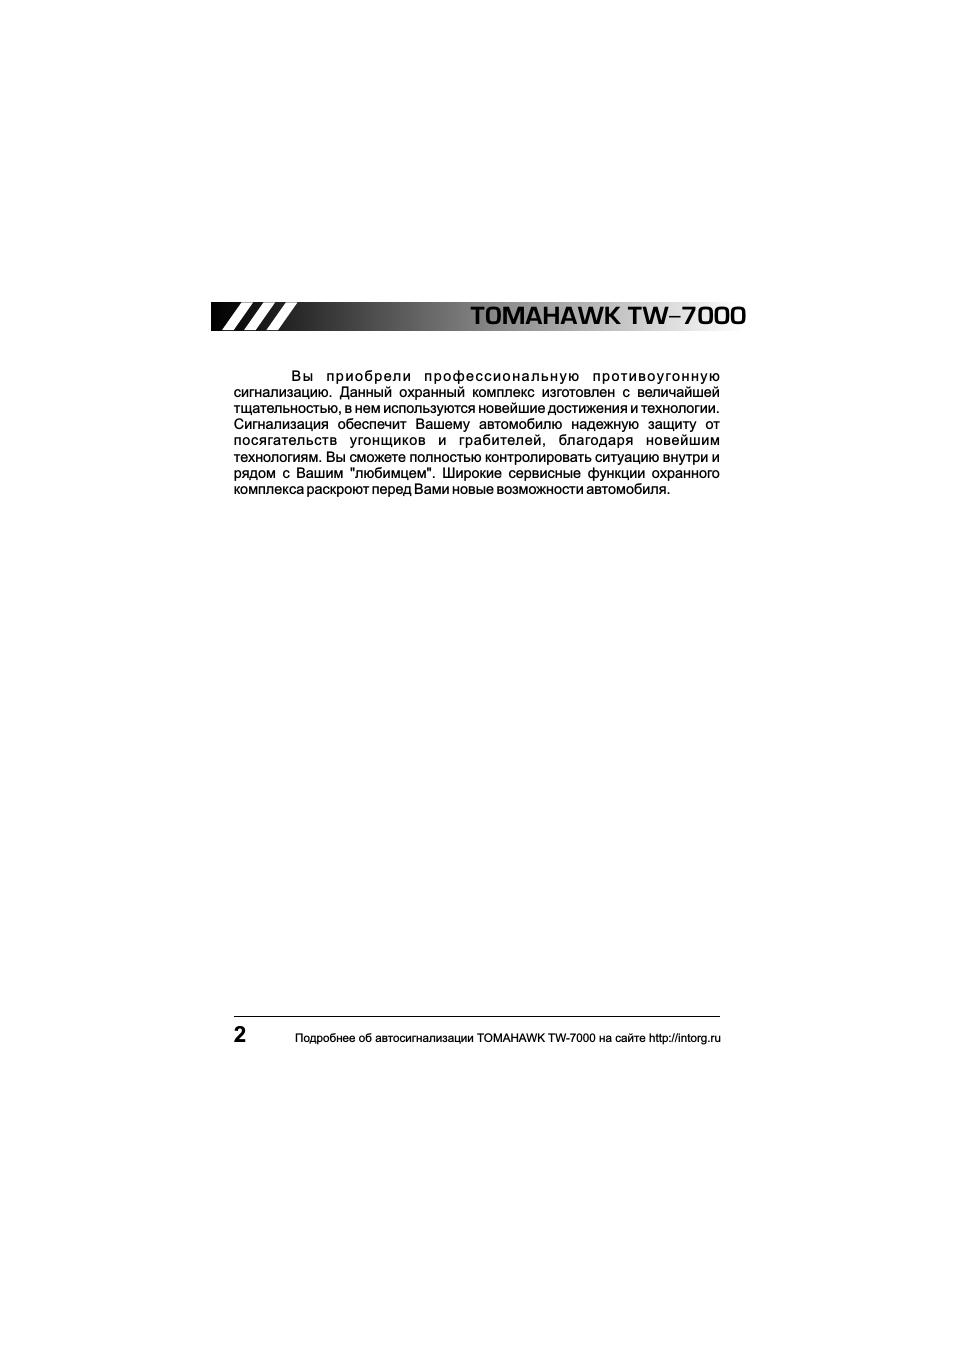 Tomahawk tw-7000